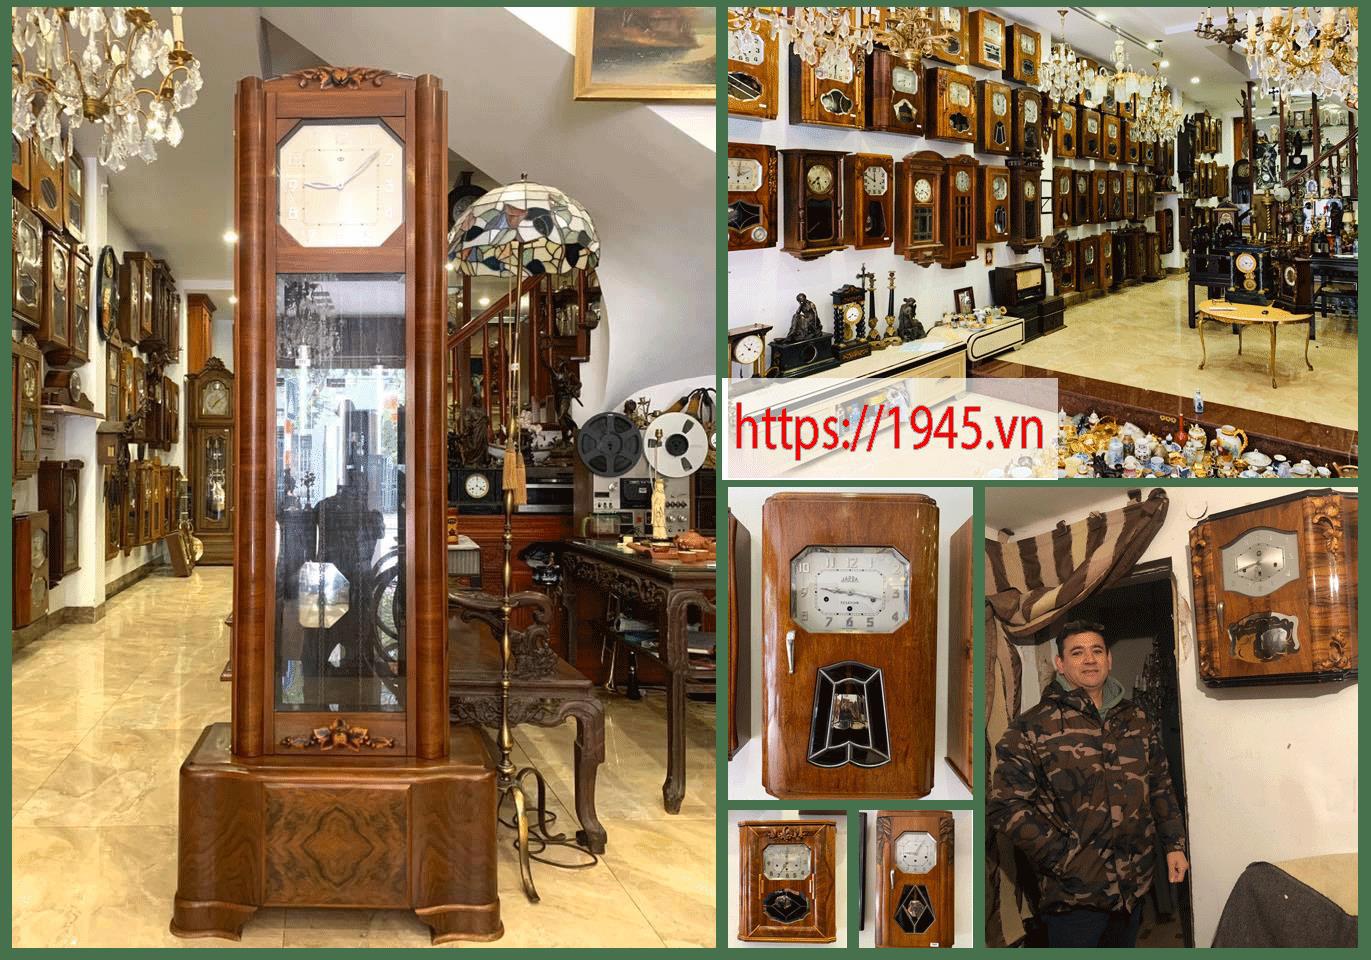 Chiêm ngưỡng bộ sưu tập đồng hồ cổ 1945.vn tại Hà Nội - Ảnh 4.